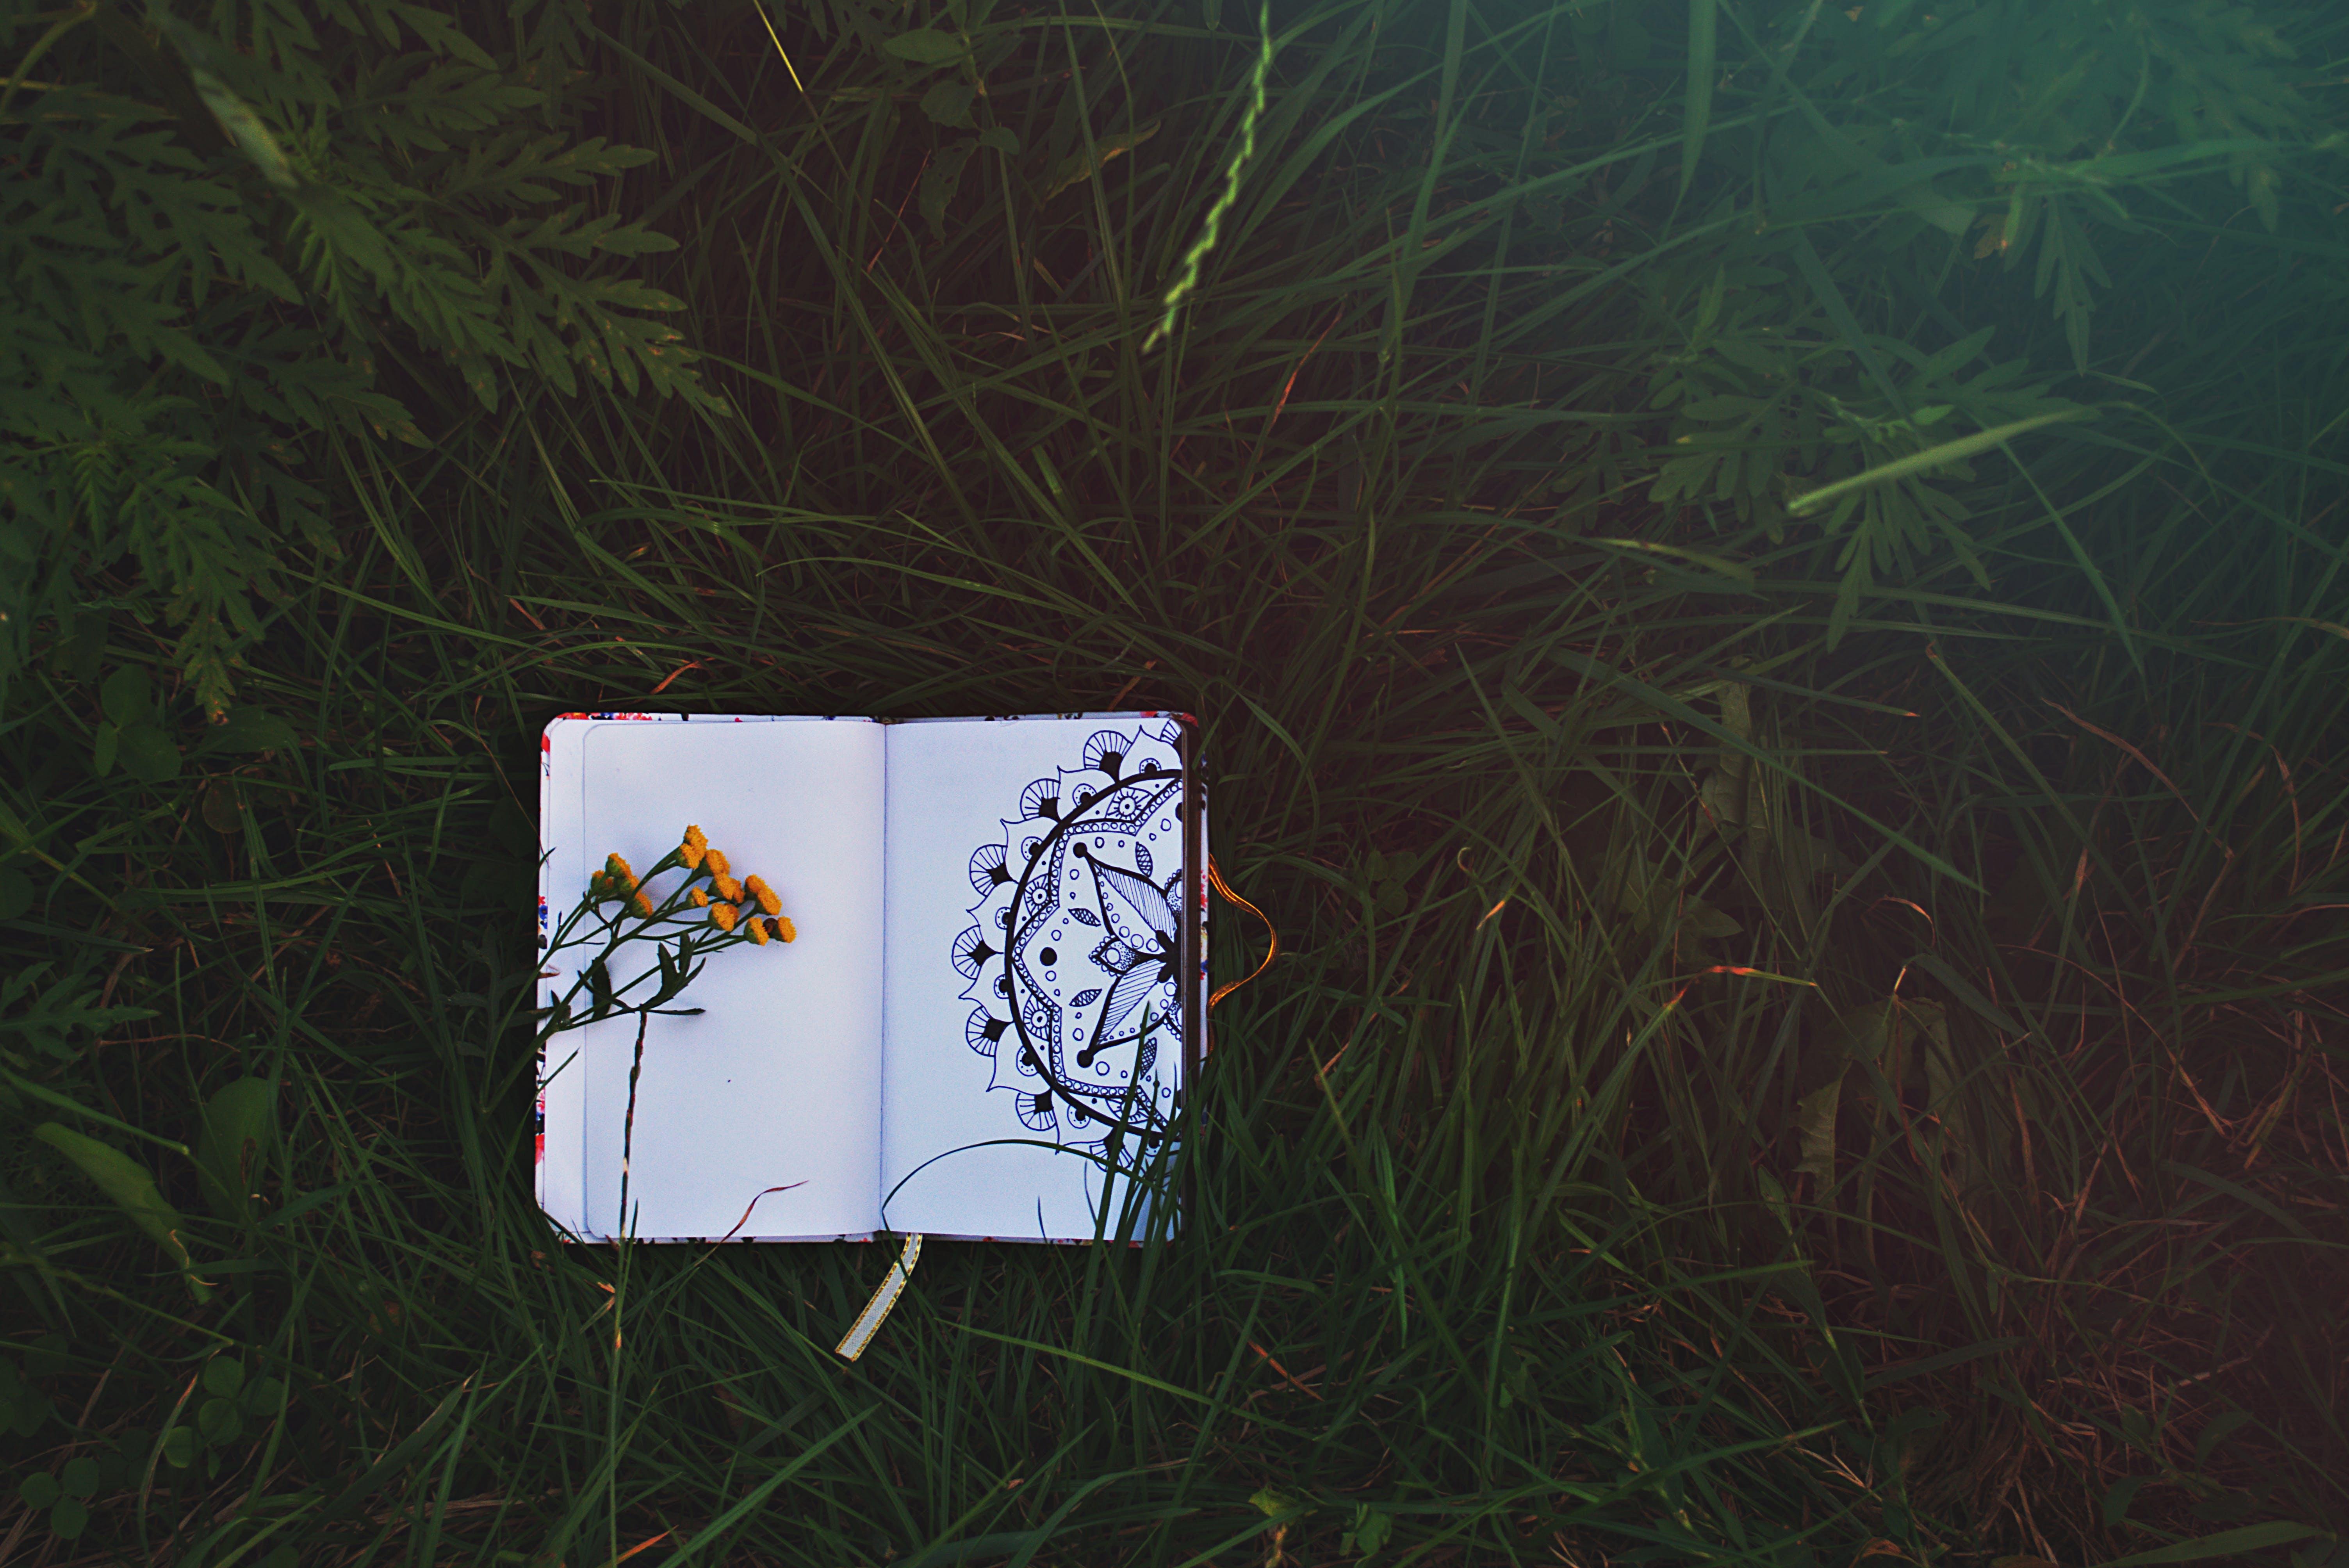 塗鴉, 打開的書, 環境, 畫圖 的 免費圖庫相片